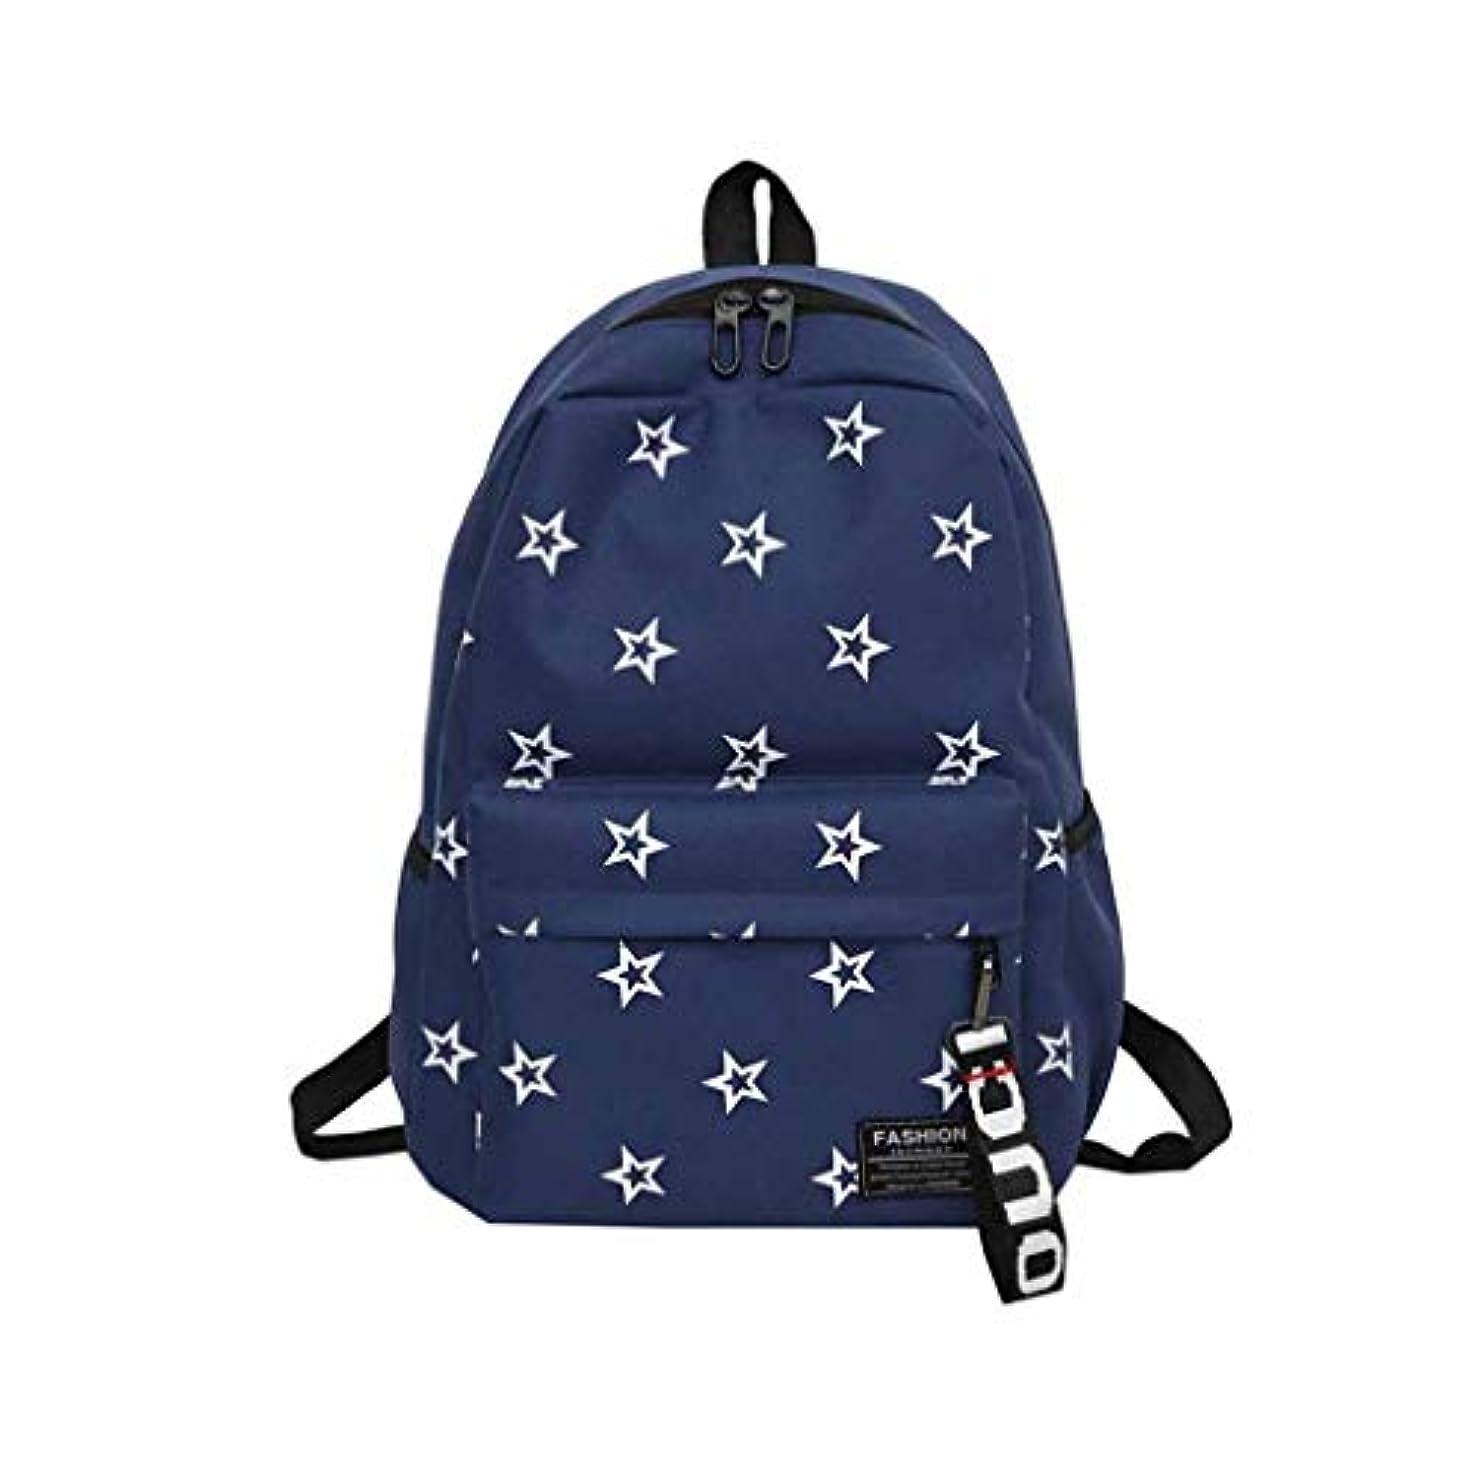 女の子星柄可愛いレジャーバッグ高校生 旅行 登山 通勤 大人 大容量 小学生通学遠足リュックシンプル防水おしゃれバックパック人気バックパック